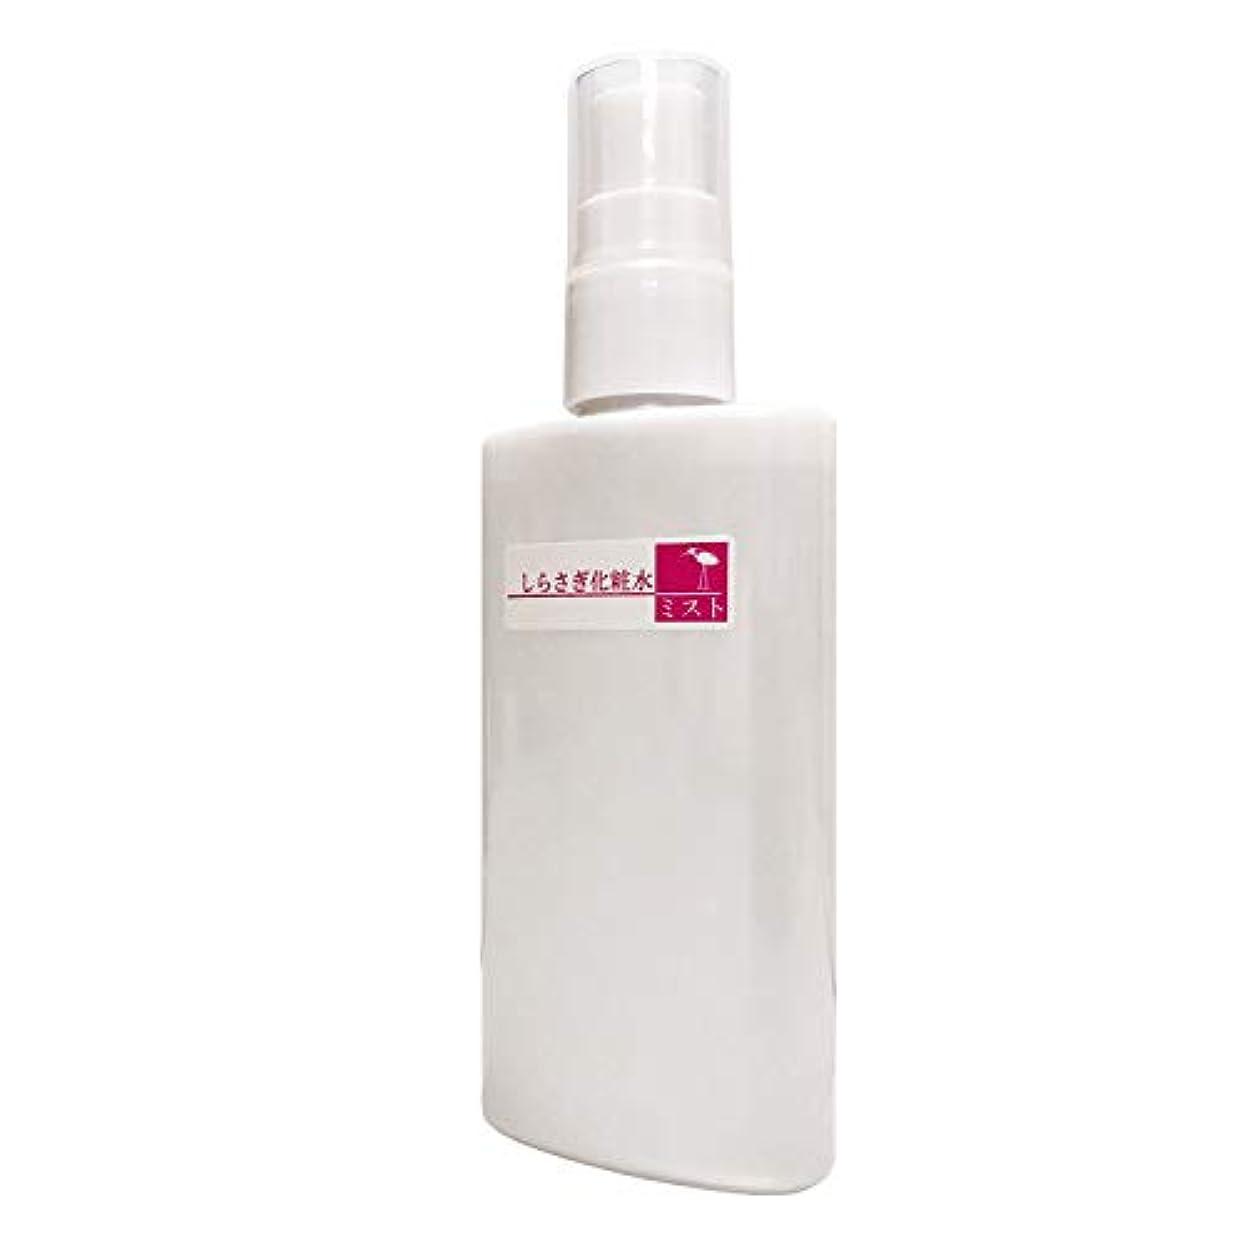 失蒸留するプレゼンテーションしらさぎ化粧品 しらさぎ化粧水ミスト 無香料